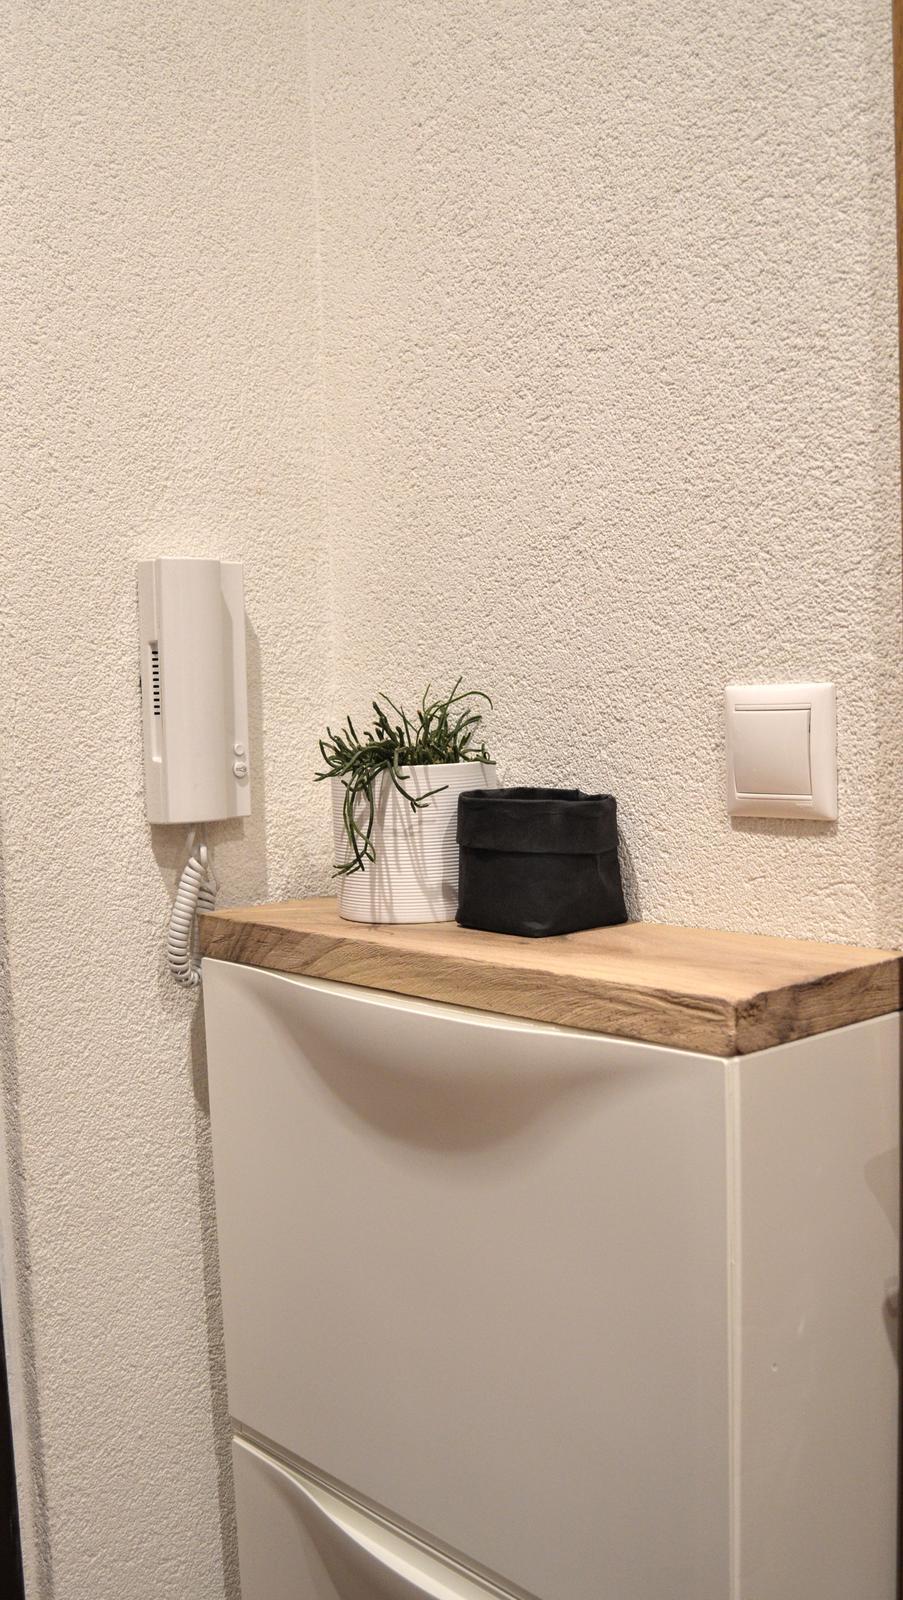 🖤 keď drobnosti robia radosť 🖤 - pre mňa neokukateľná kombinácia biela + drevo(masív)